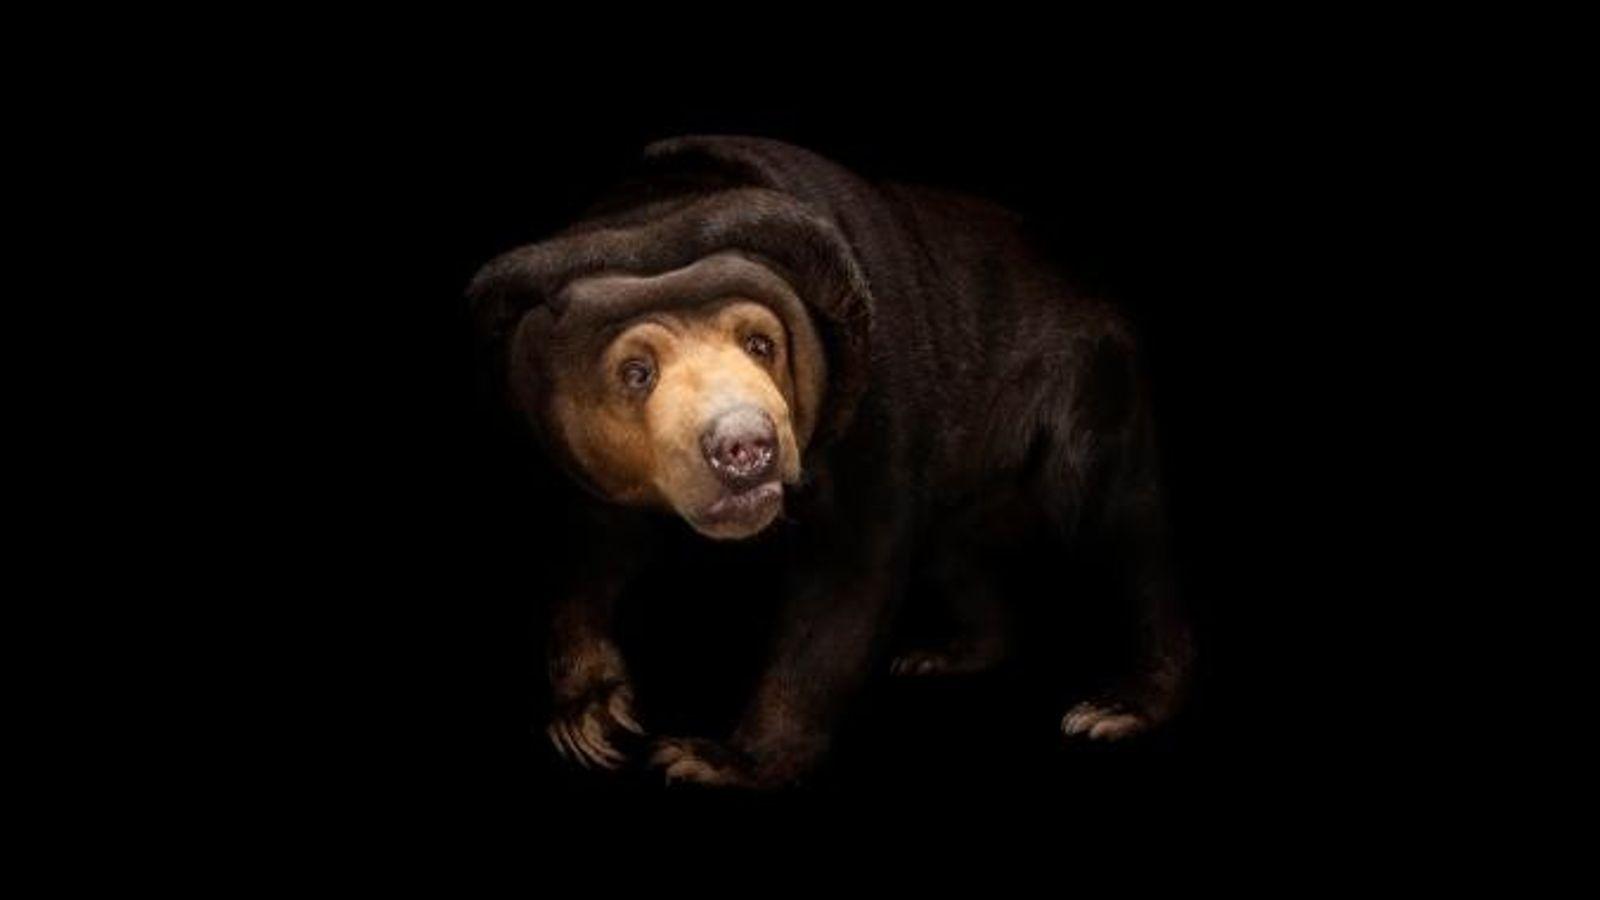 Un ours malais photographié au Miller Park Zoo de Bloomington dans l'Illinois.